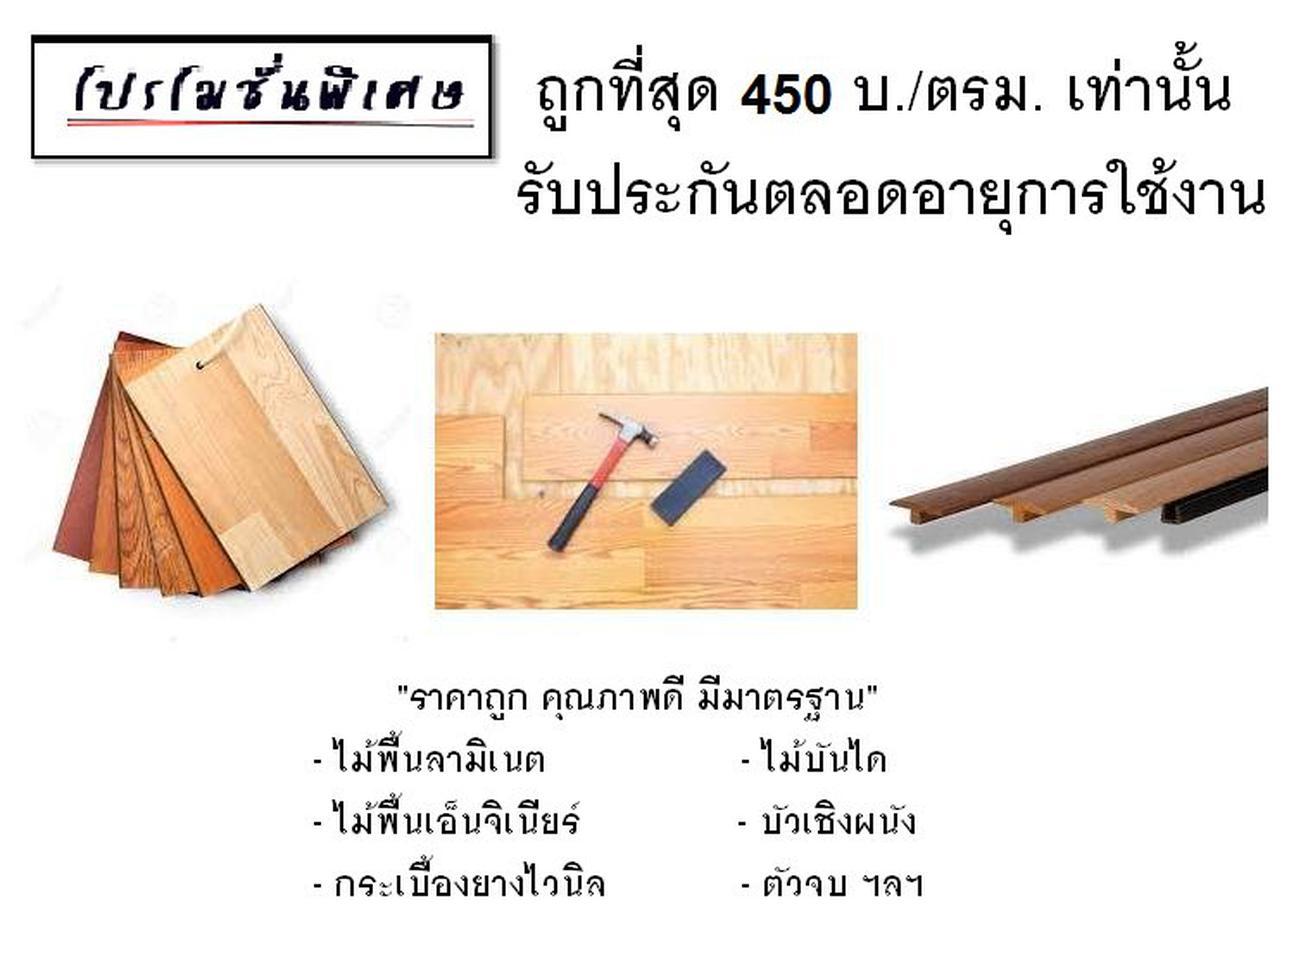 ร้าน 9 บุญมา จำหน่าย และรับติดตั้งปูพื้นไม้ลามิเนต บริการวัดหน้างาน ฟรี 089-257-8236 ช่างต๊ะ รูปที่ 3